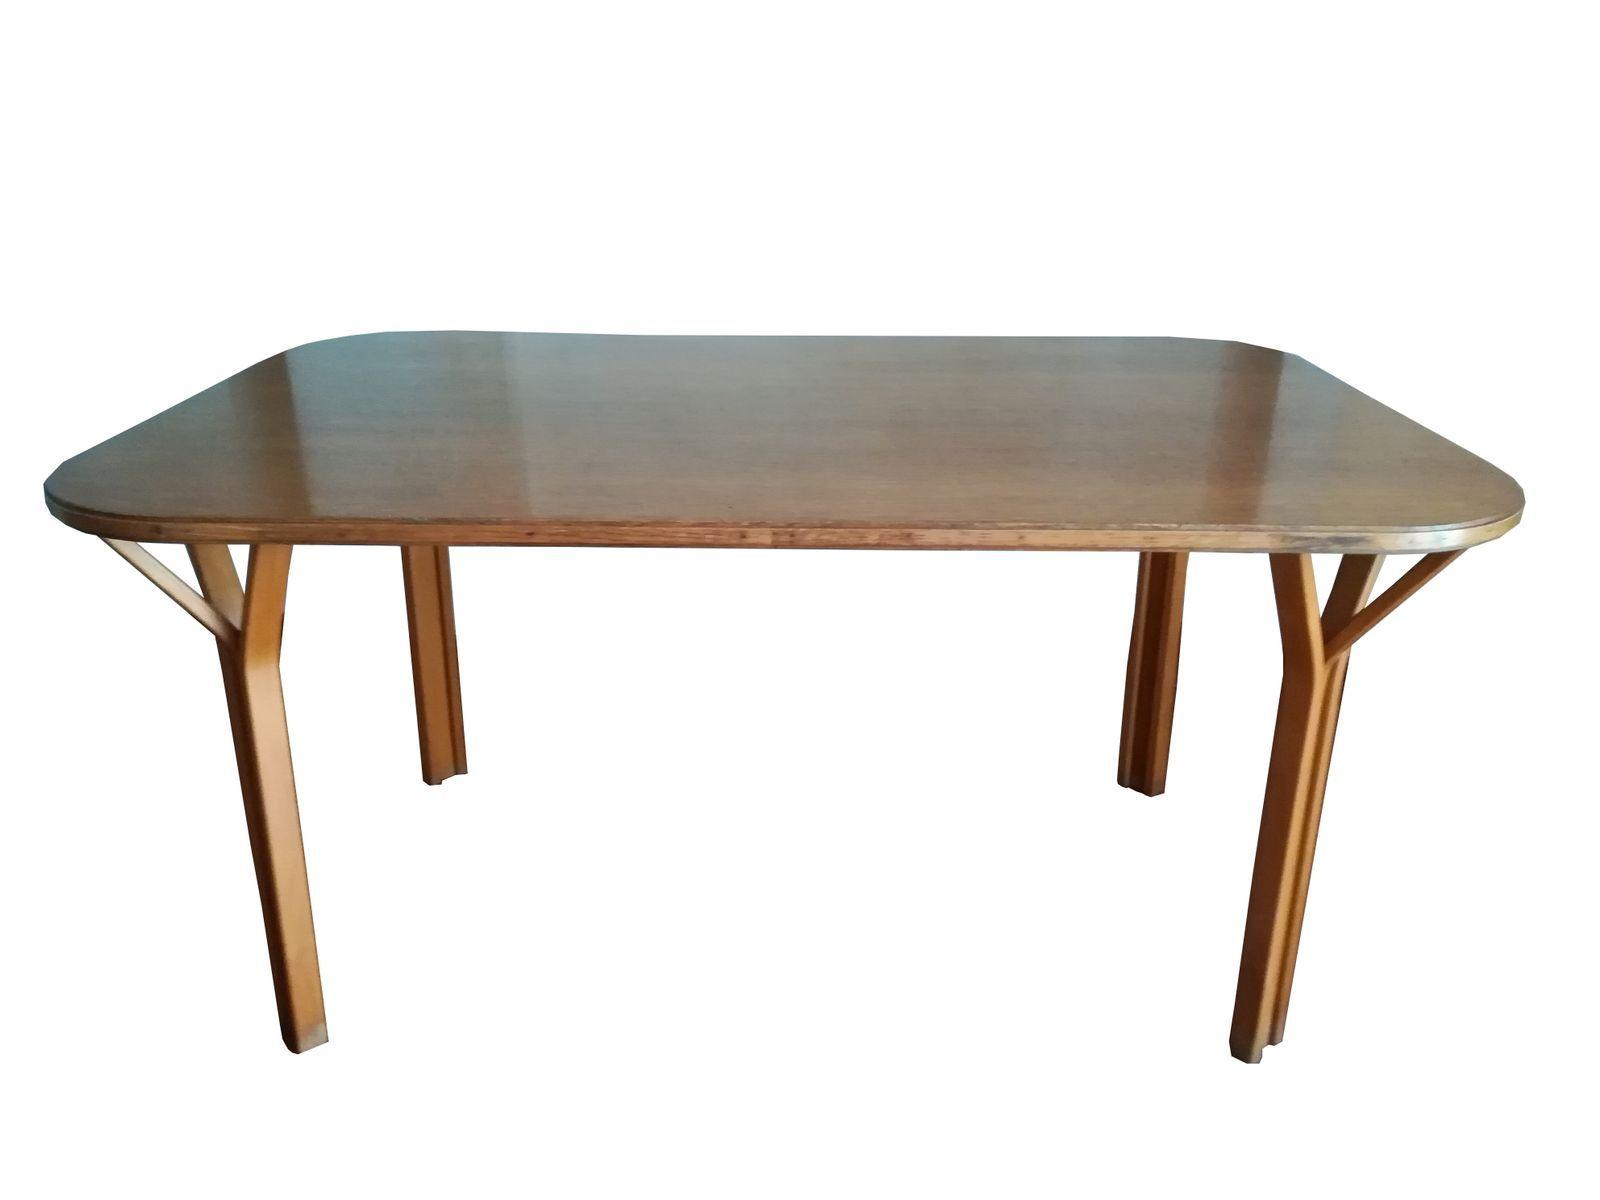 Esszimmertisch Mit 4 Stuhlen Esstisch Holz Mit Glasplatte Gebrauchte Eckbank Mit Tisch Und Stuh Eckbank Mit Tisch Esstisch Ausziehbar Weiss Esstisch Massiv